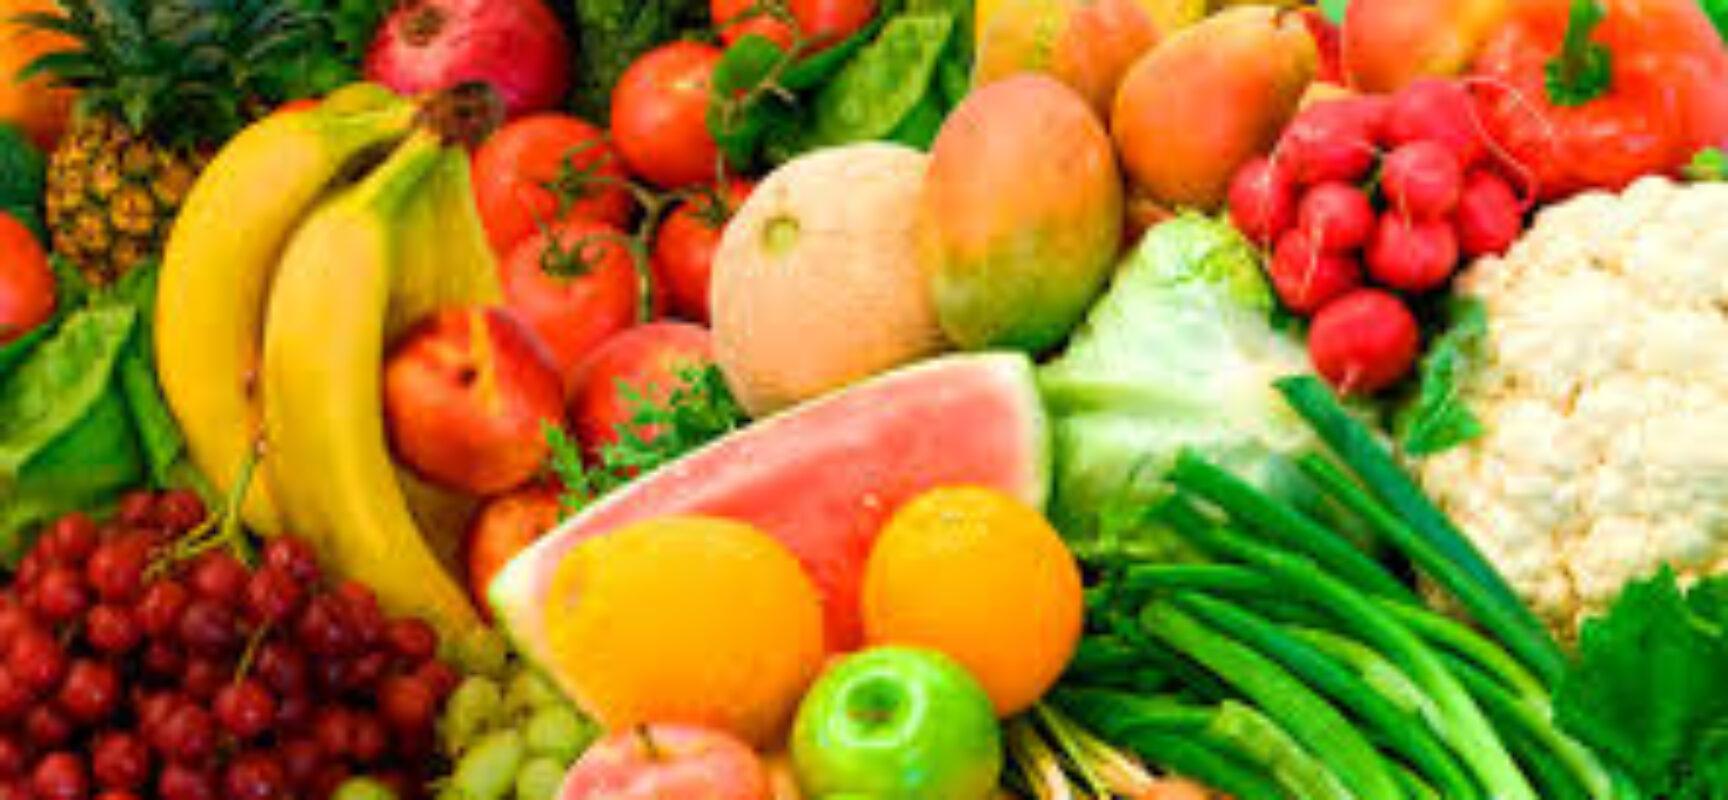 Programa de Aquisição de Alimentos de 2021 foi lançado hoje pela Prefeitura de Ilhéus